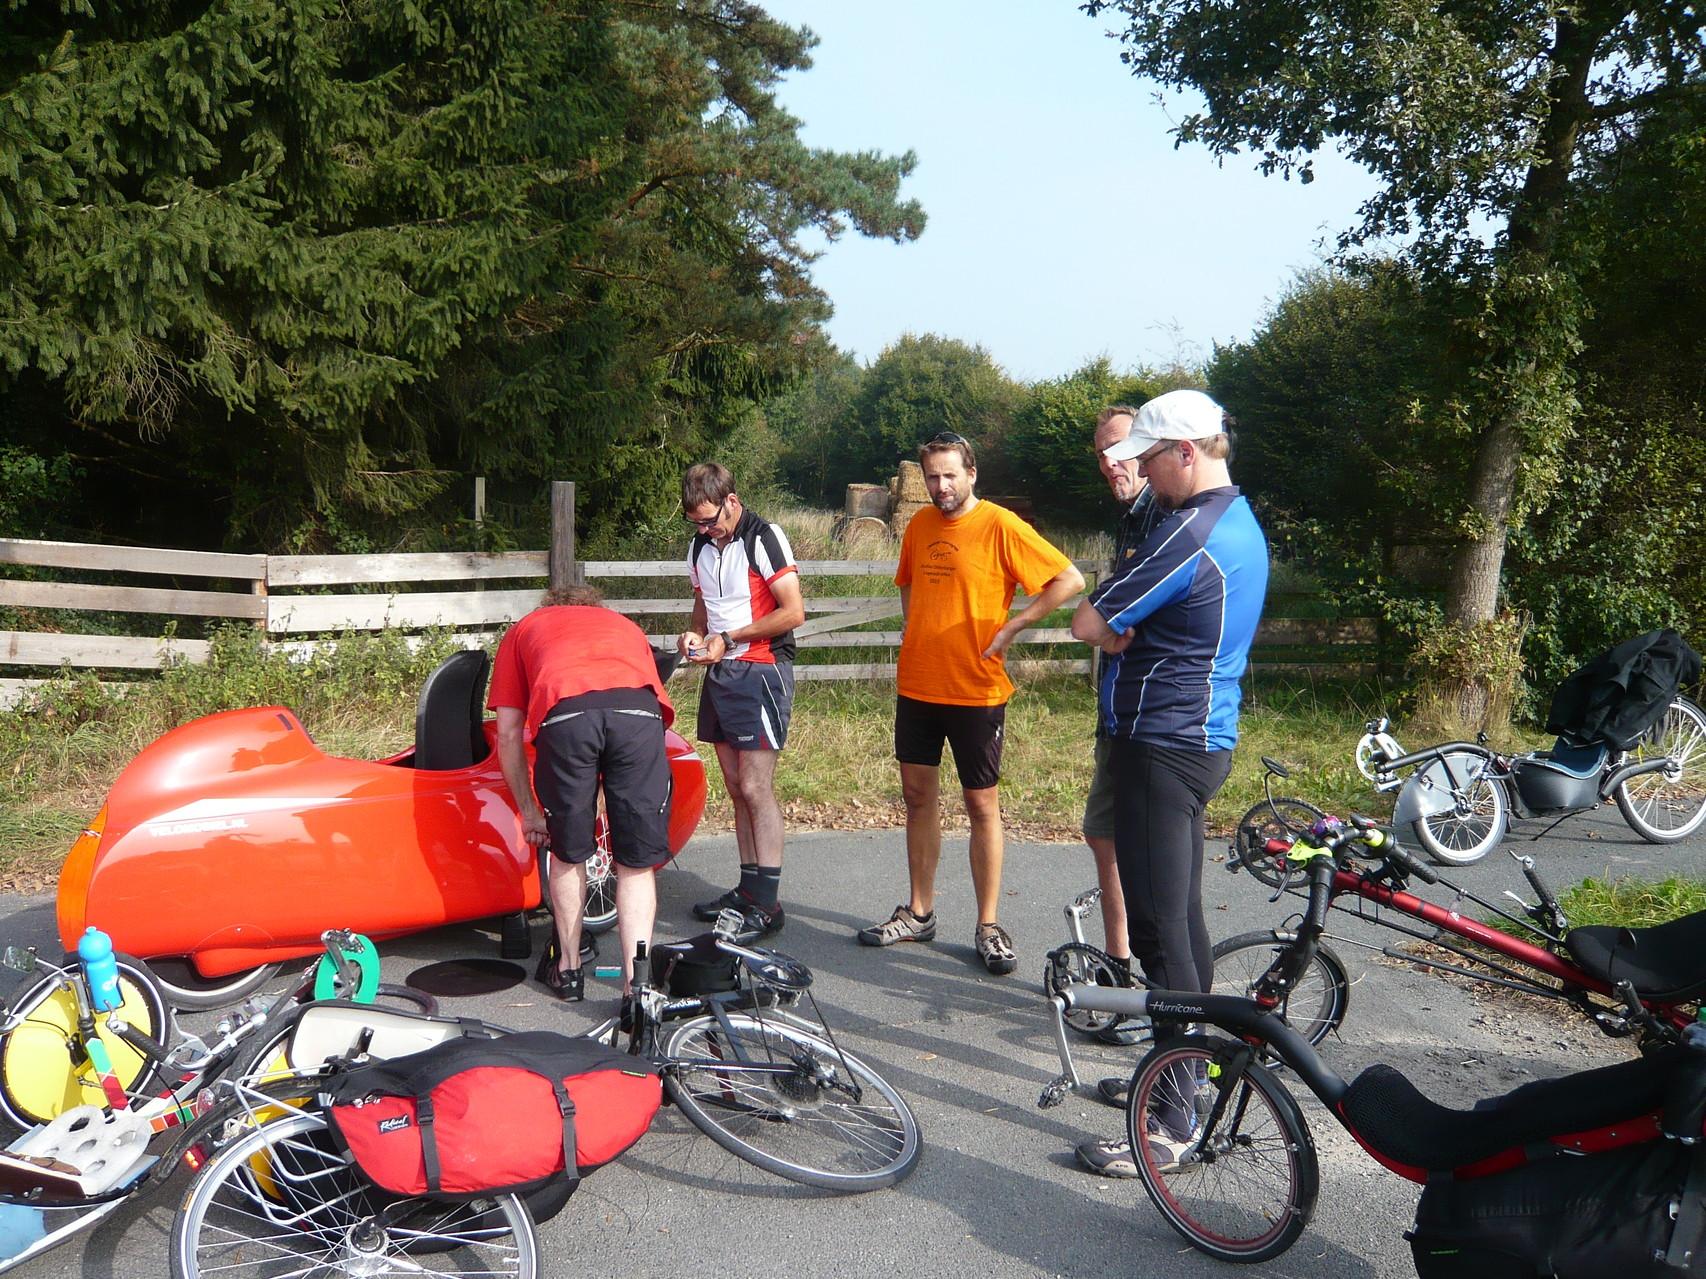 Nachdem Martin und Fidi dabei sind, zeigt Dreiradfahrer Martin dem Dreiradfahrer Fidi wie man sich zwei Platten gleichzeitig einfährt.